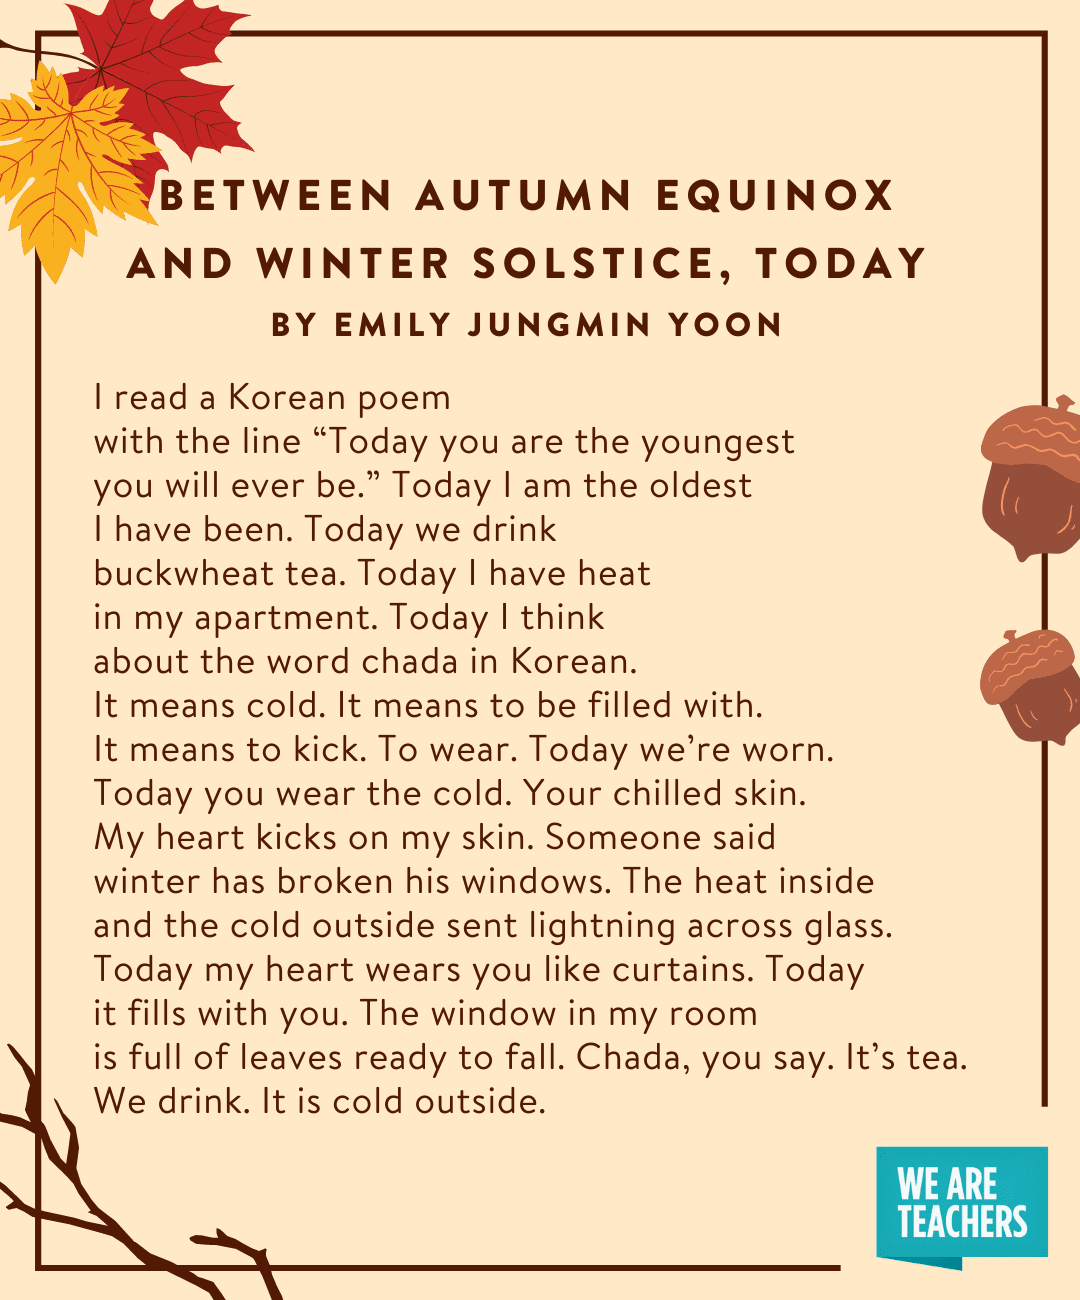 Between Autumn Equinox and Winter Solstice, Today